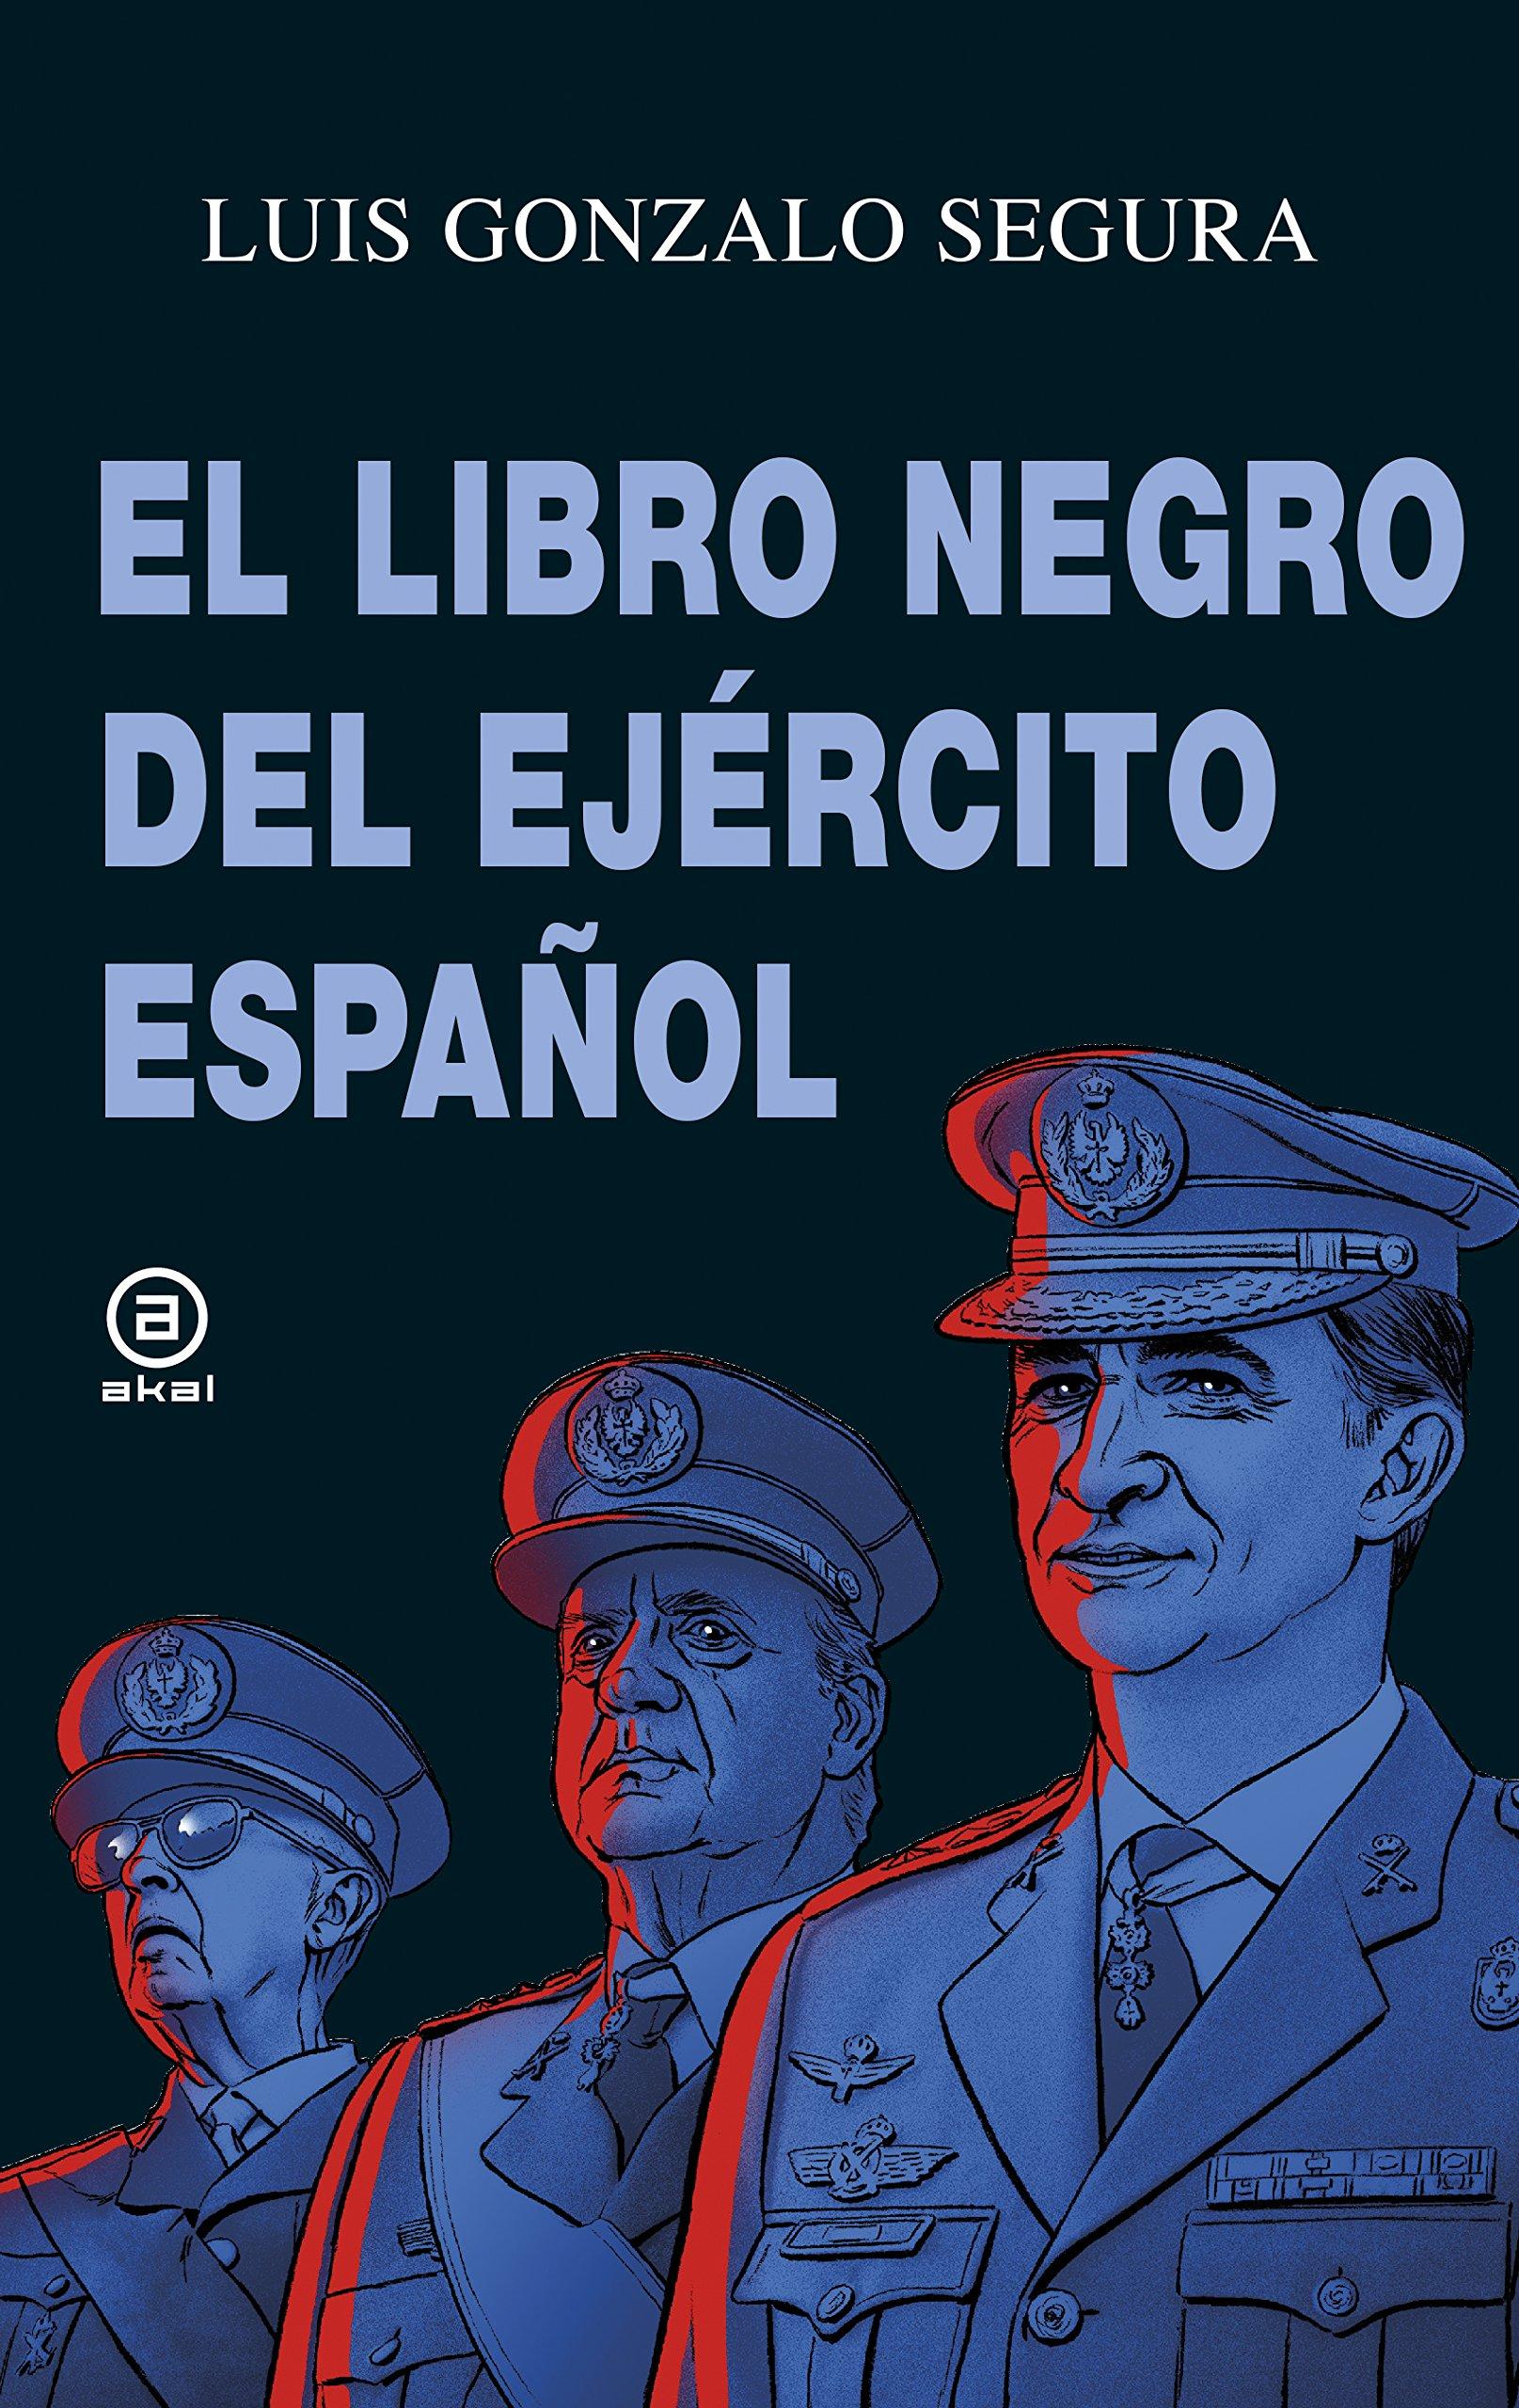 El libro negro del Ejército español: 8 (Anverso): Amazon.es: Gonzalo Segura, Luis: Libros